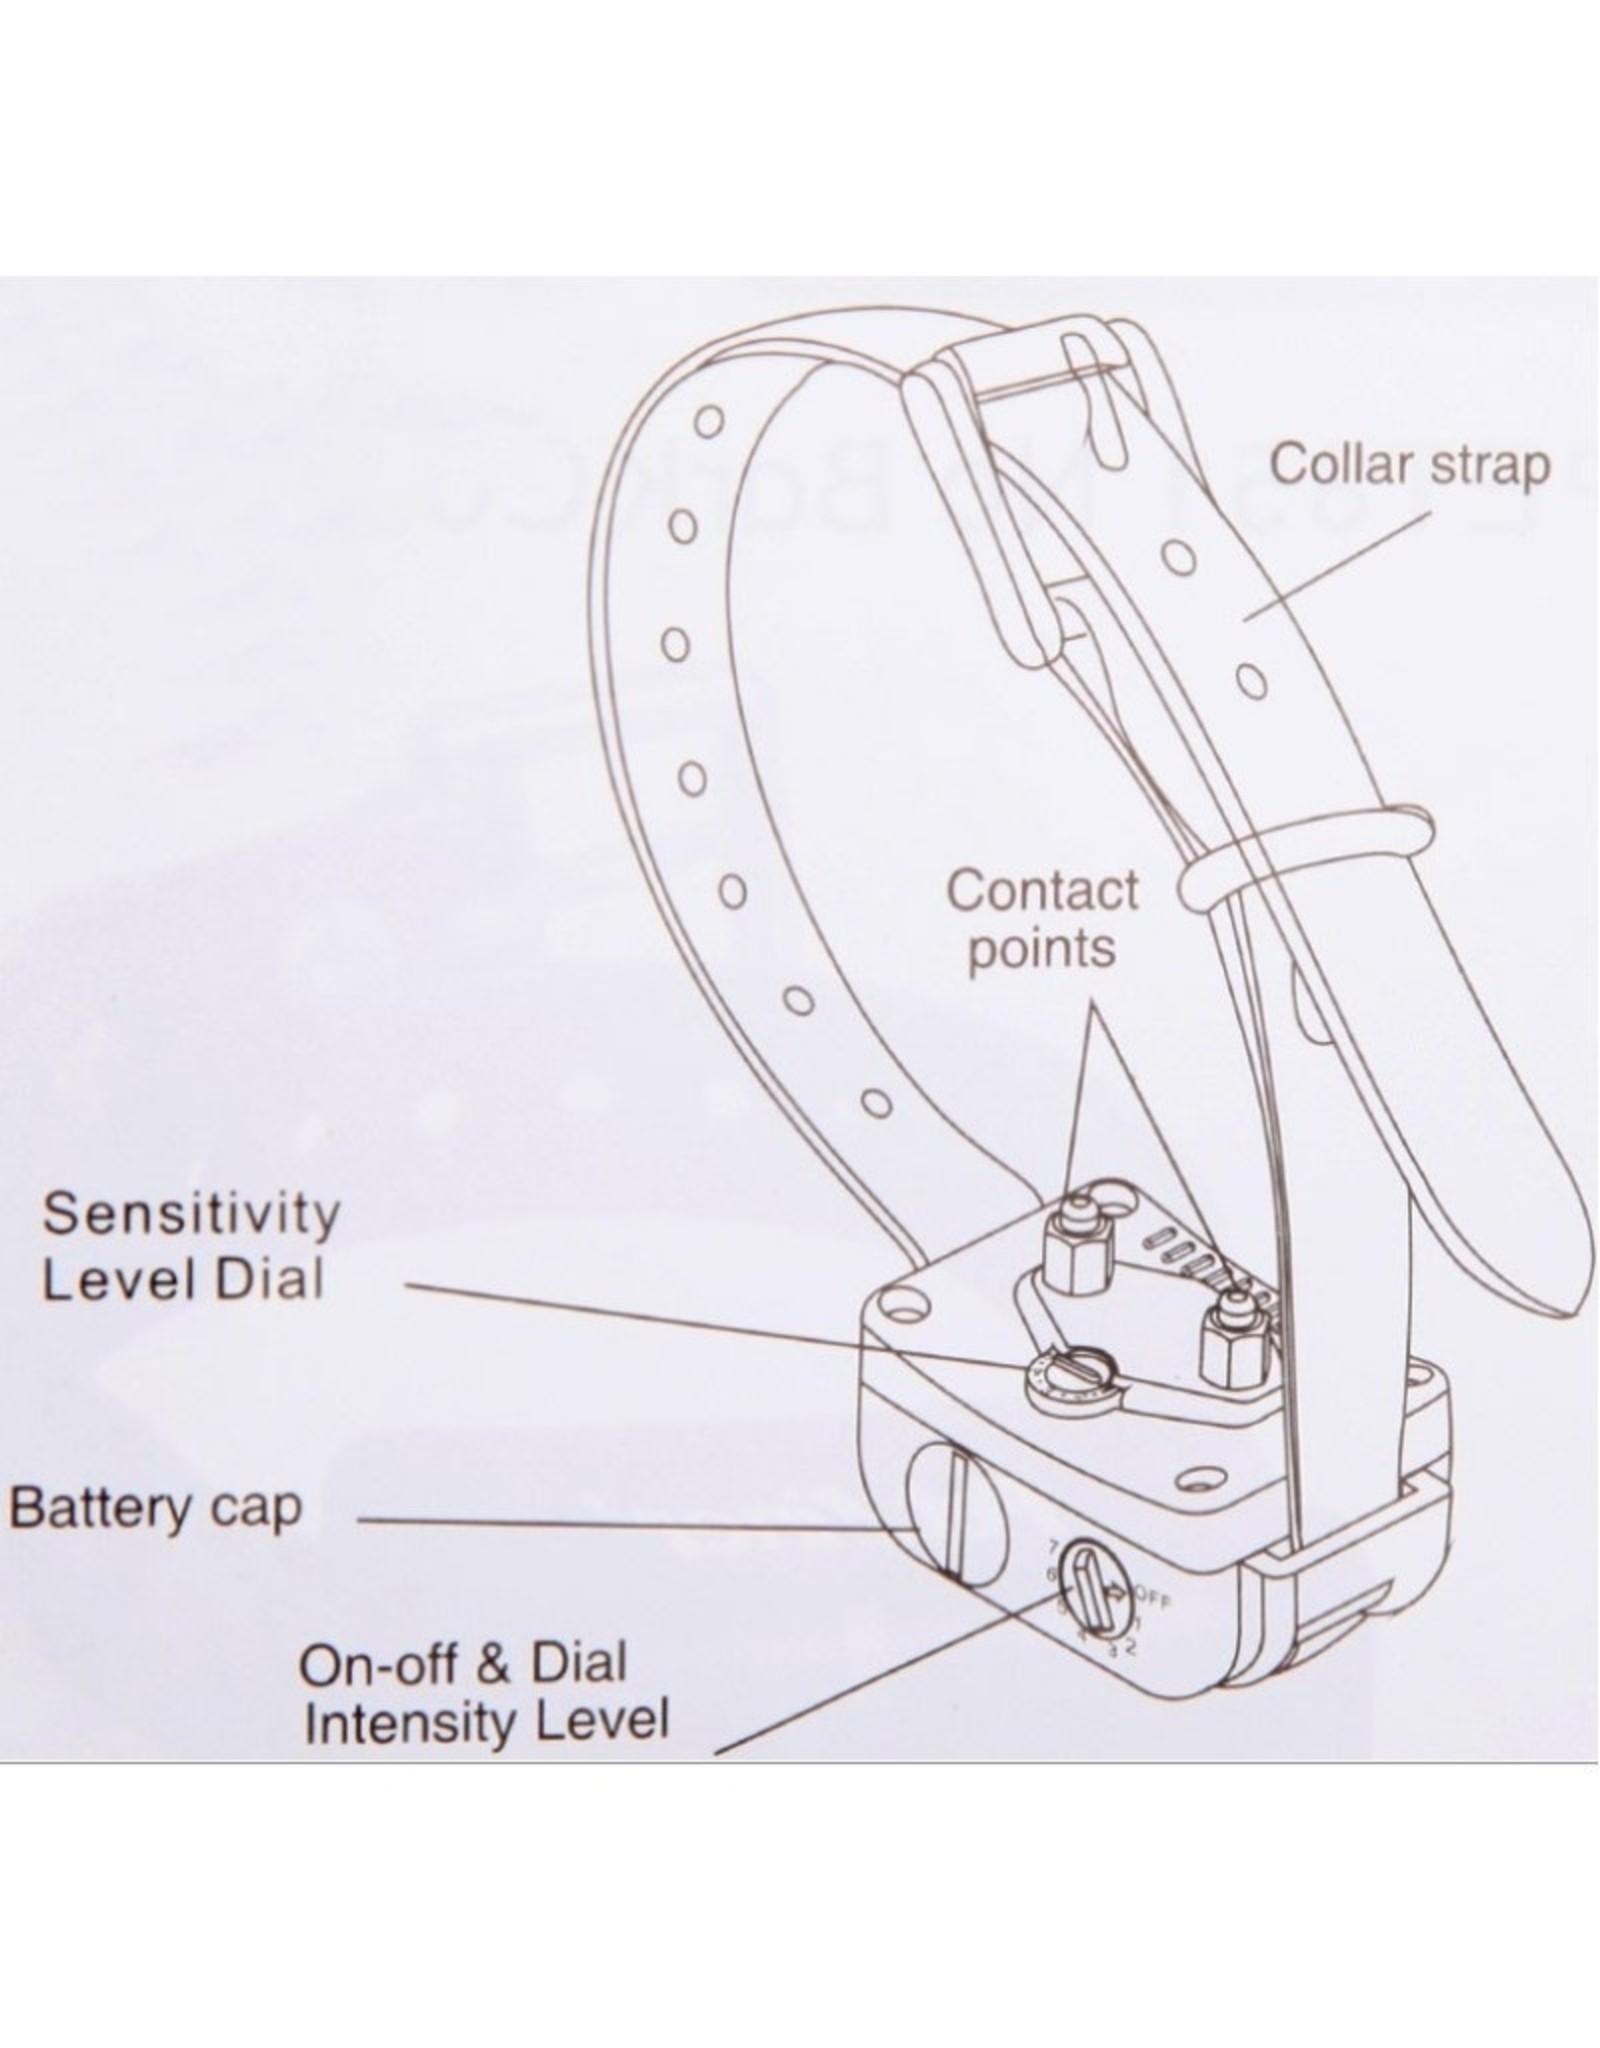 Petainer 851 elektrische anti-blafband voor honden - stopt het blaffen van honden - 7 niveaus van vibrerende hondenhalsband